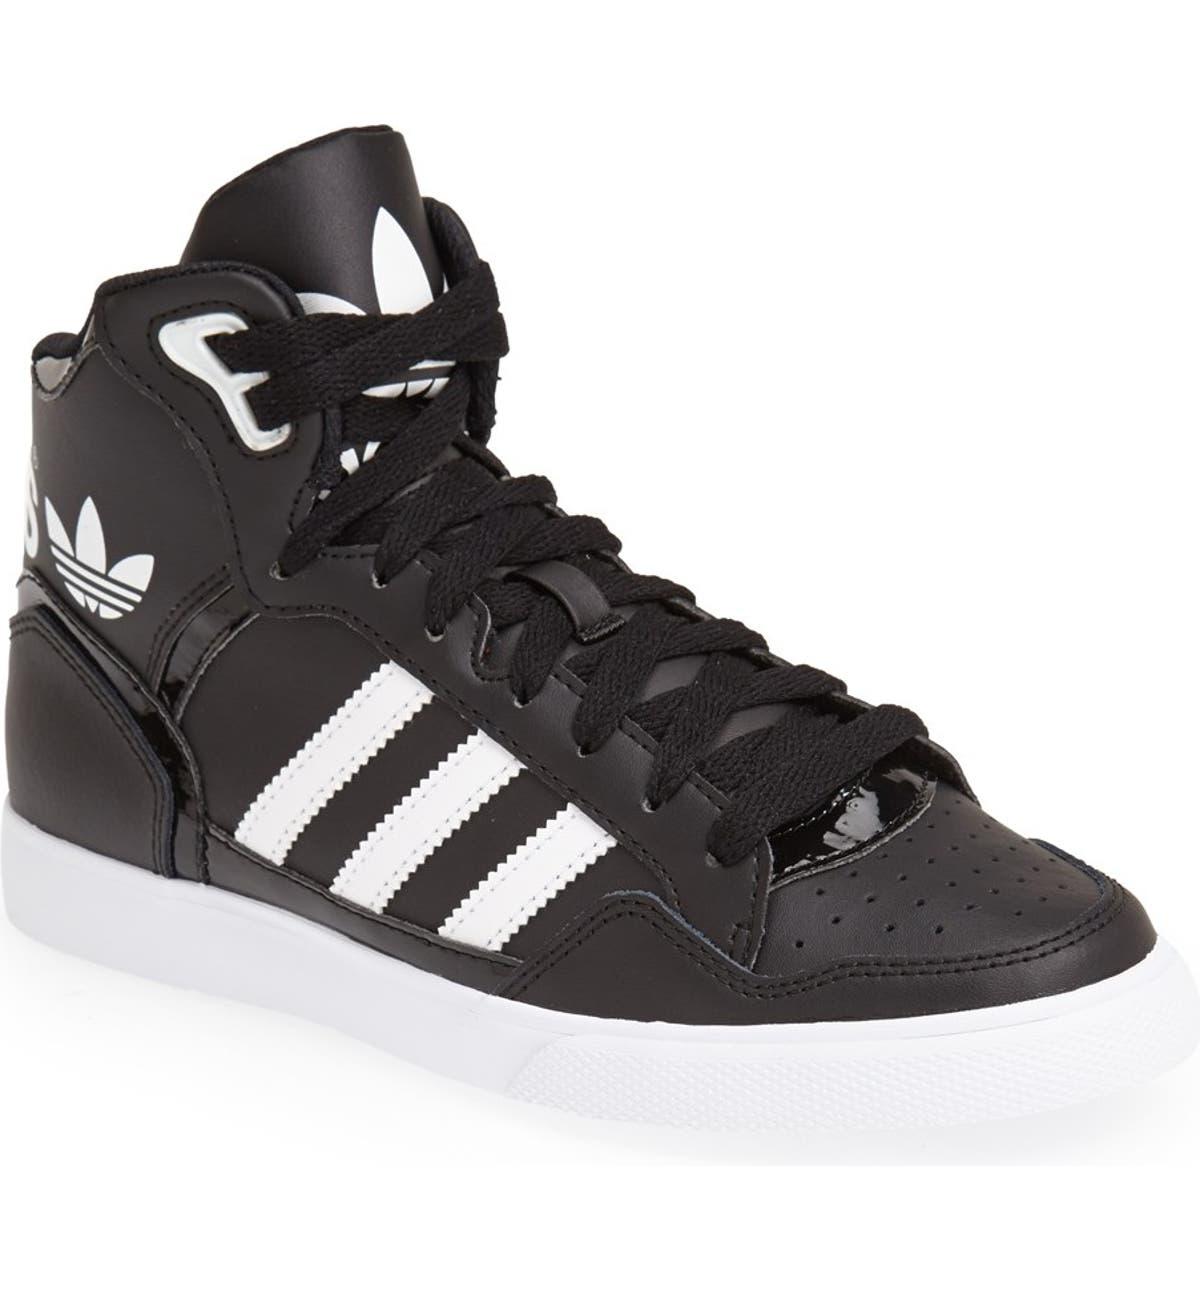 'Extaball' High Top Sneaker